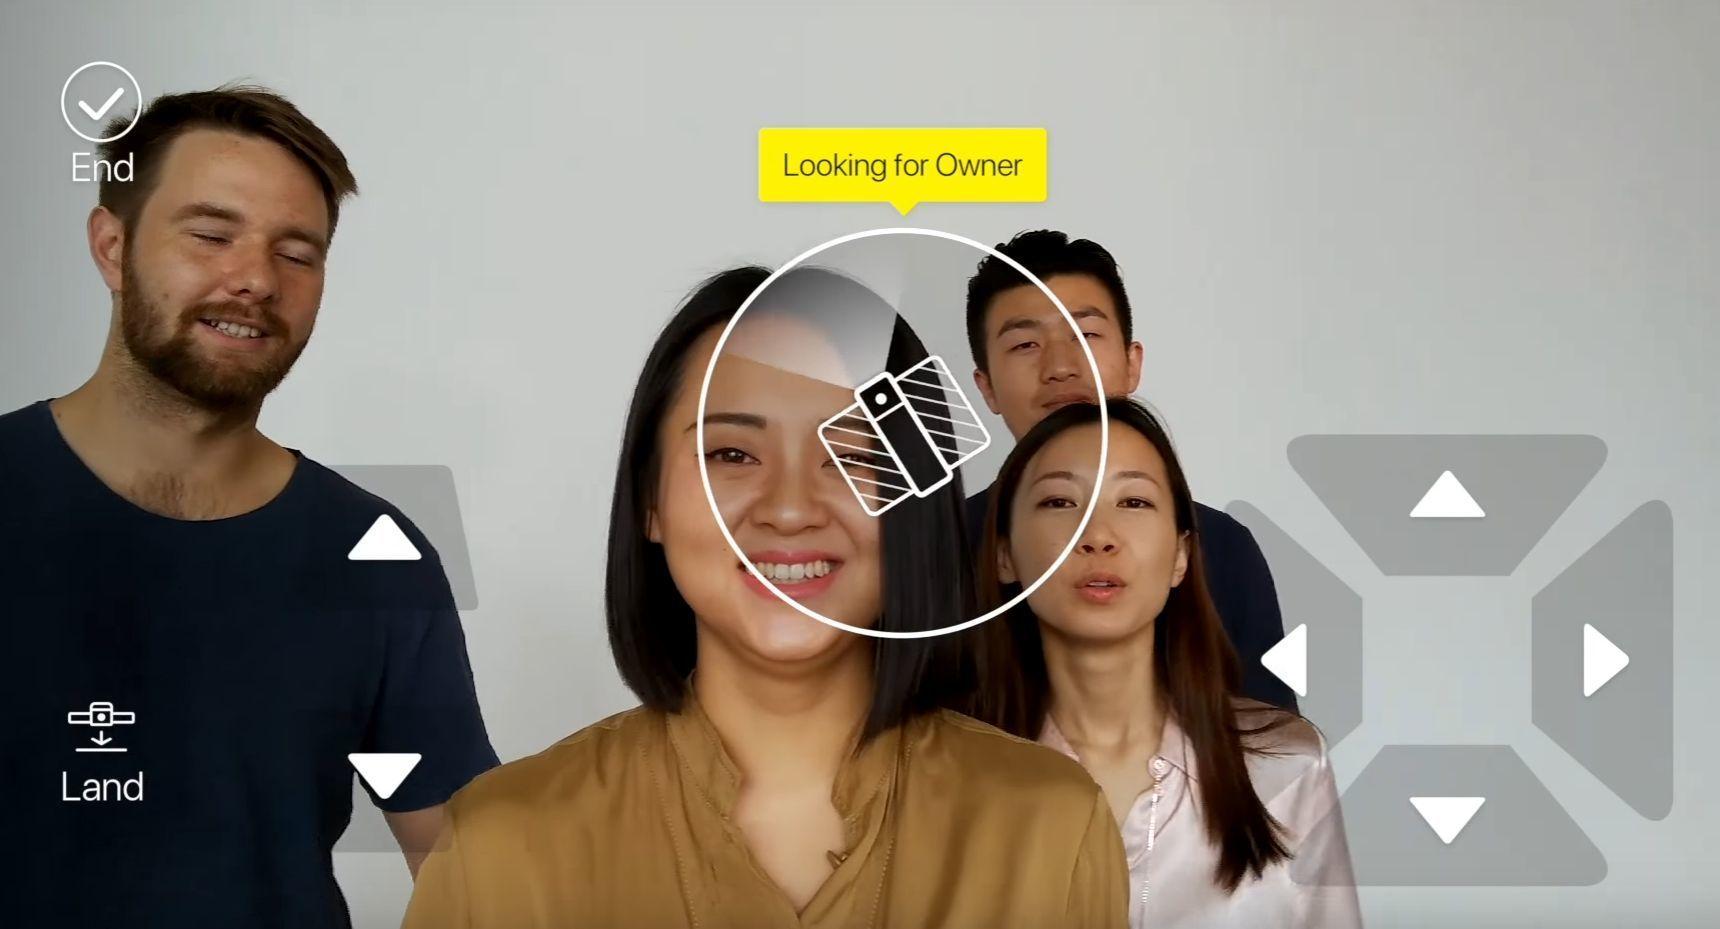 Dronen leter etter eieren og begynner å ta opp video og følge etter deg når den gjenkjenner ansiktet ditt.